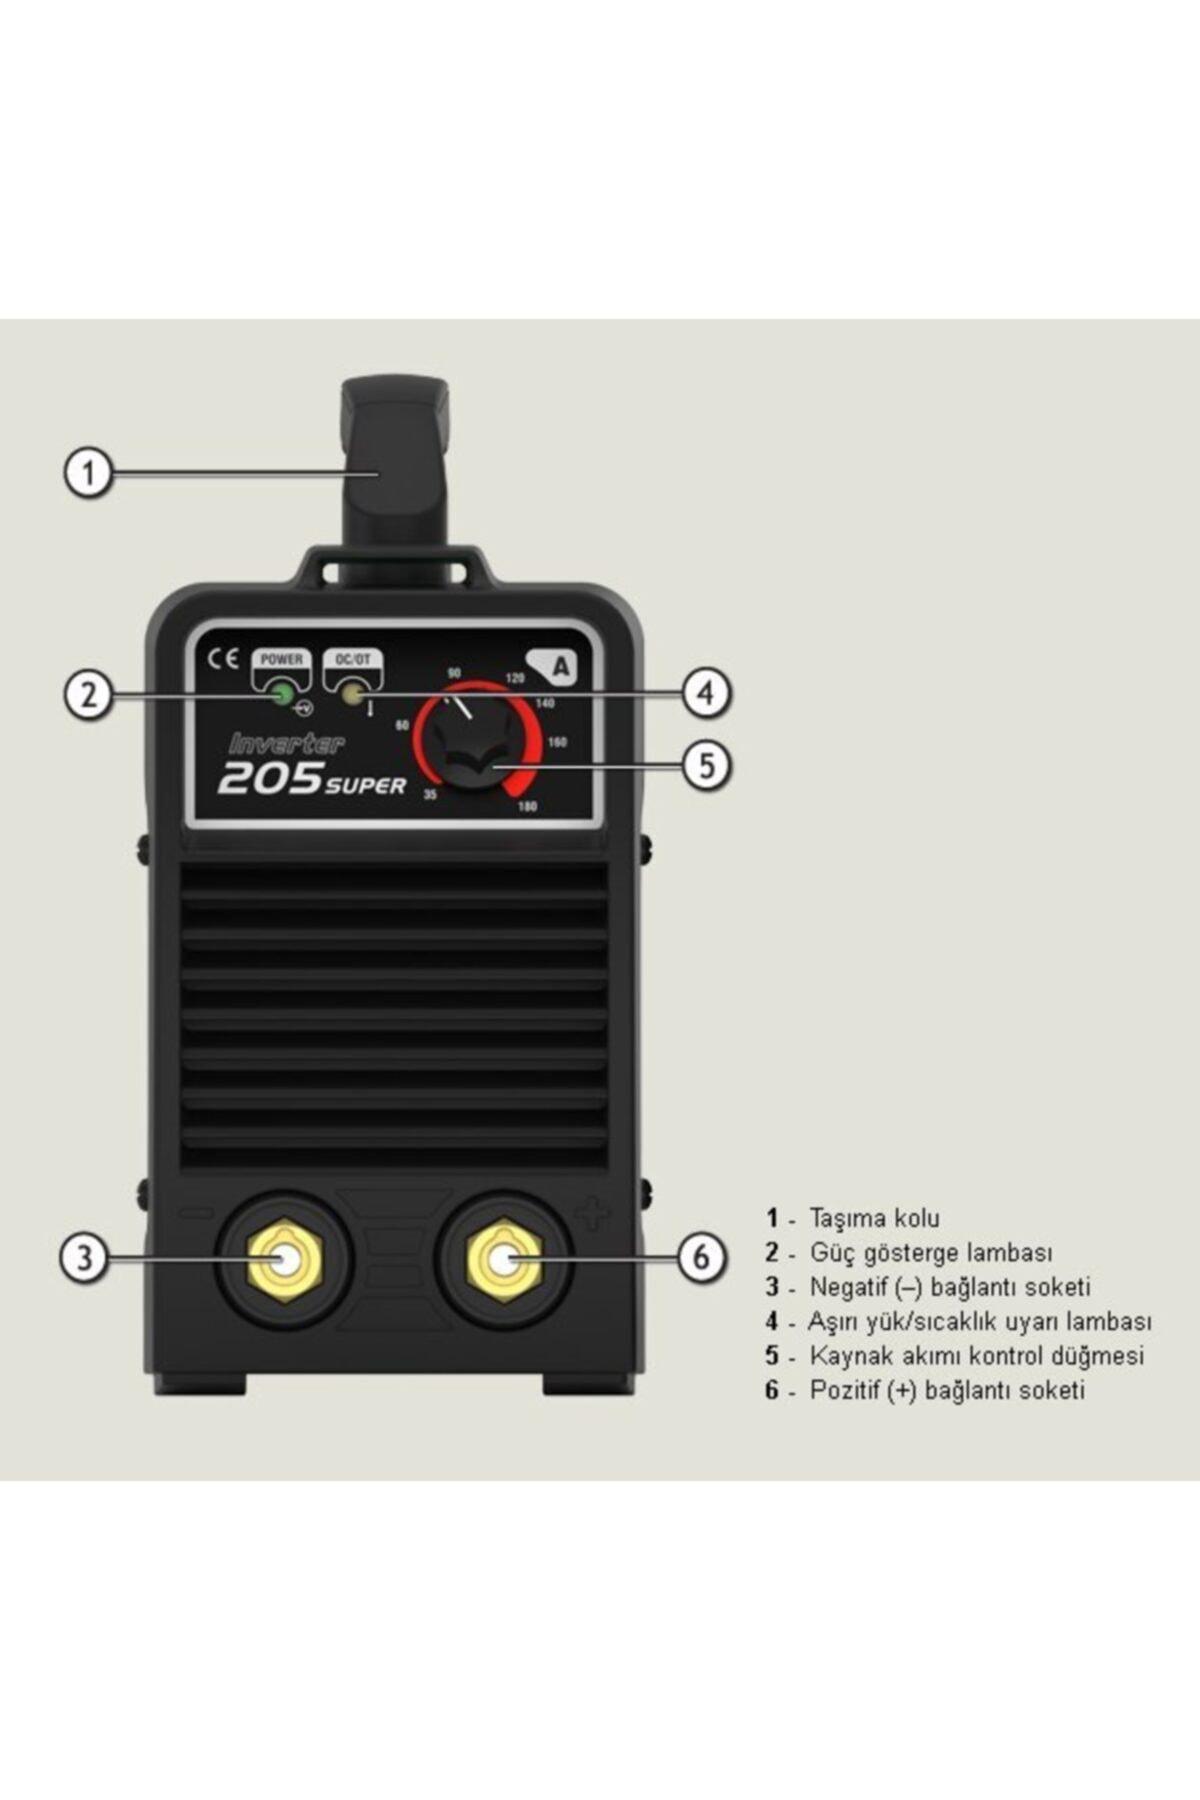 Askaynak Inverter 205 Süper Kaynak Makinası 2